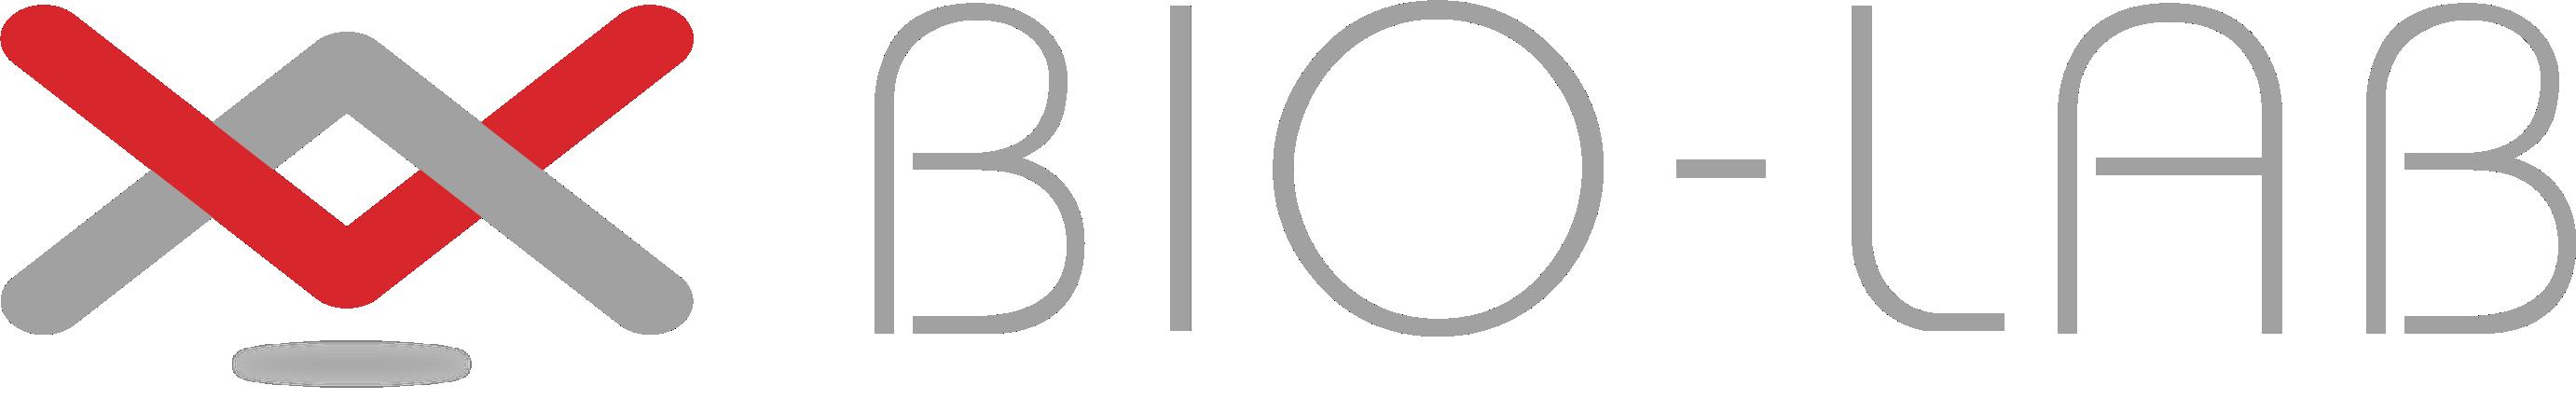 biolab-logo1-2